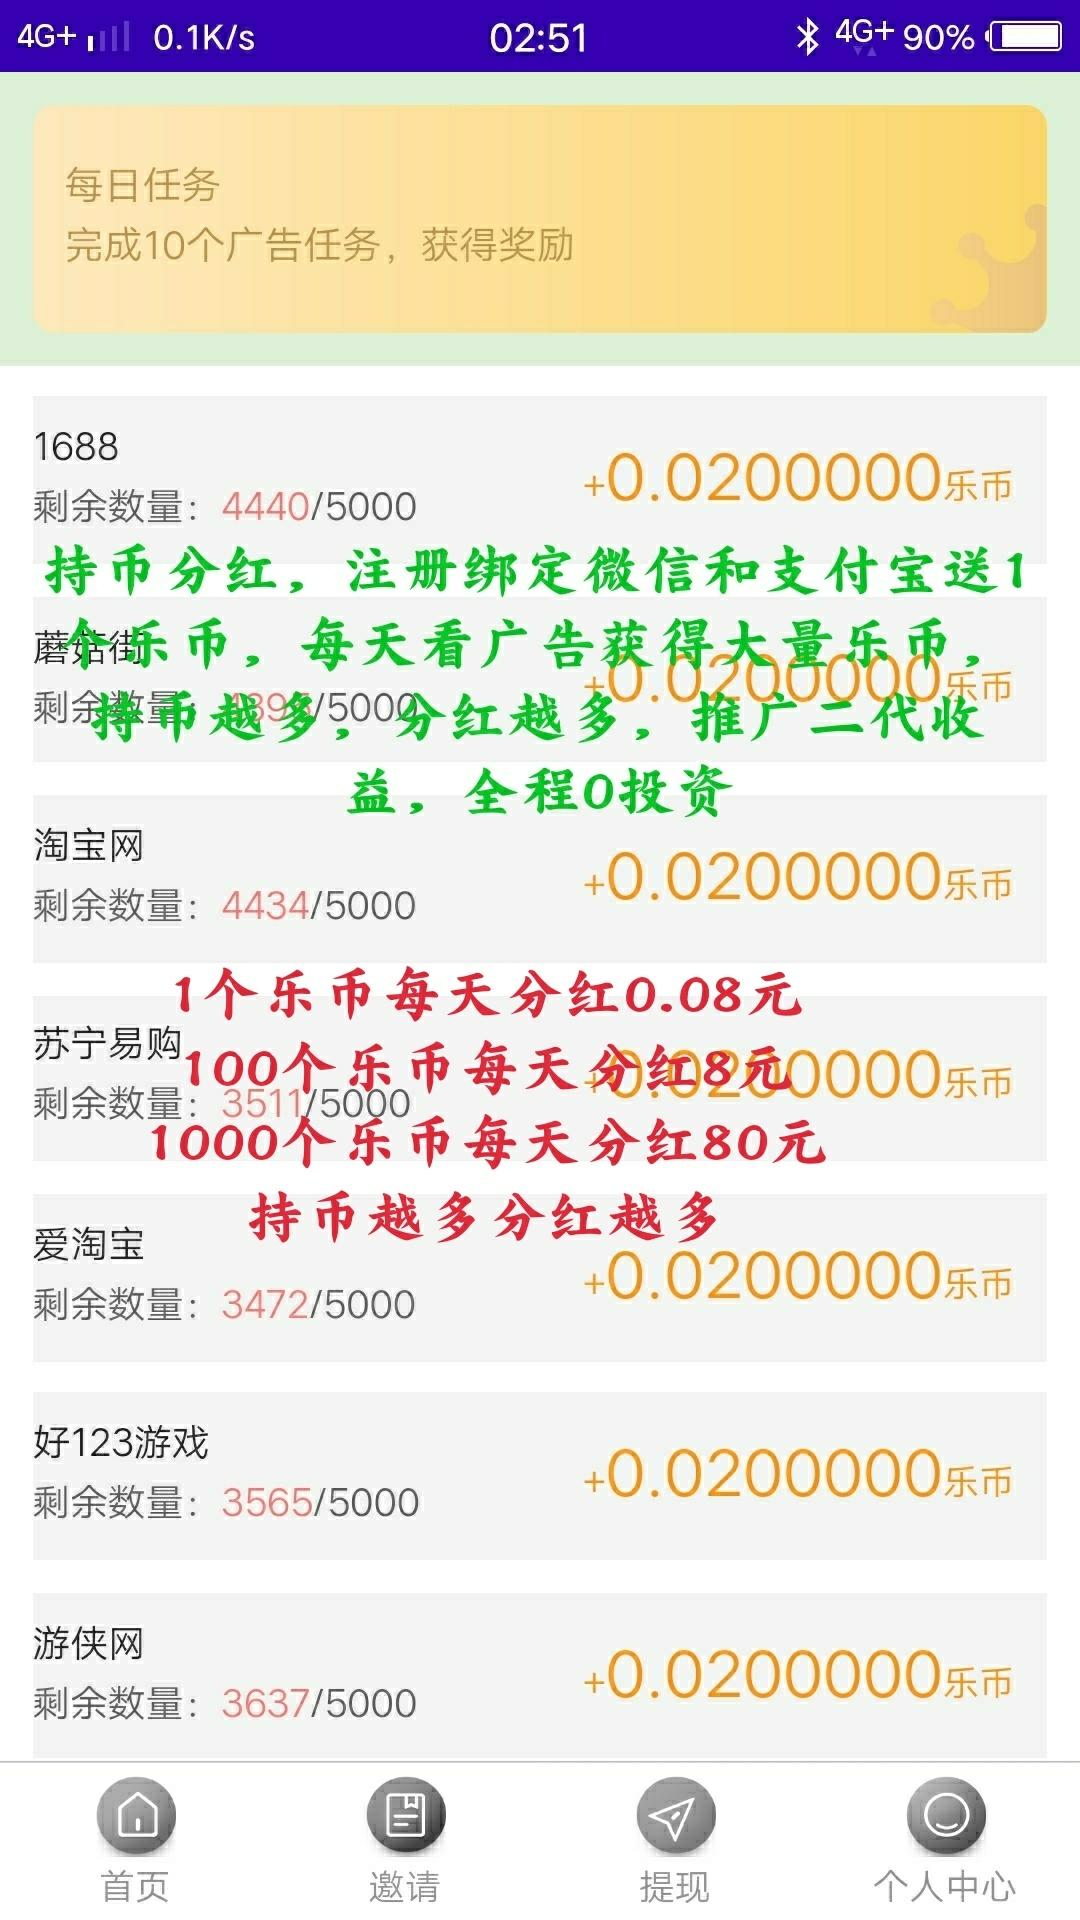 图片[2]-乐享广告一币每天分红0.08元-首码社